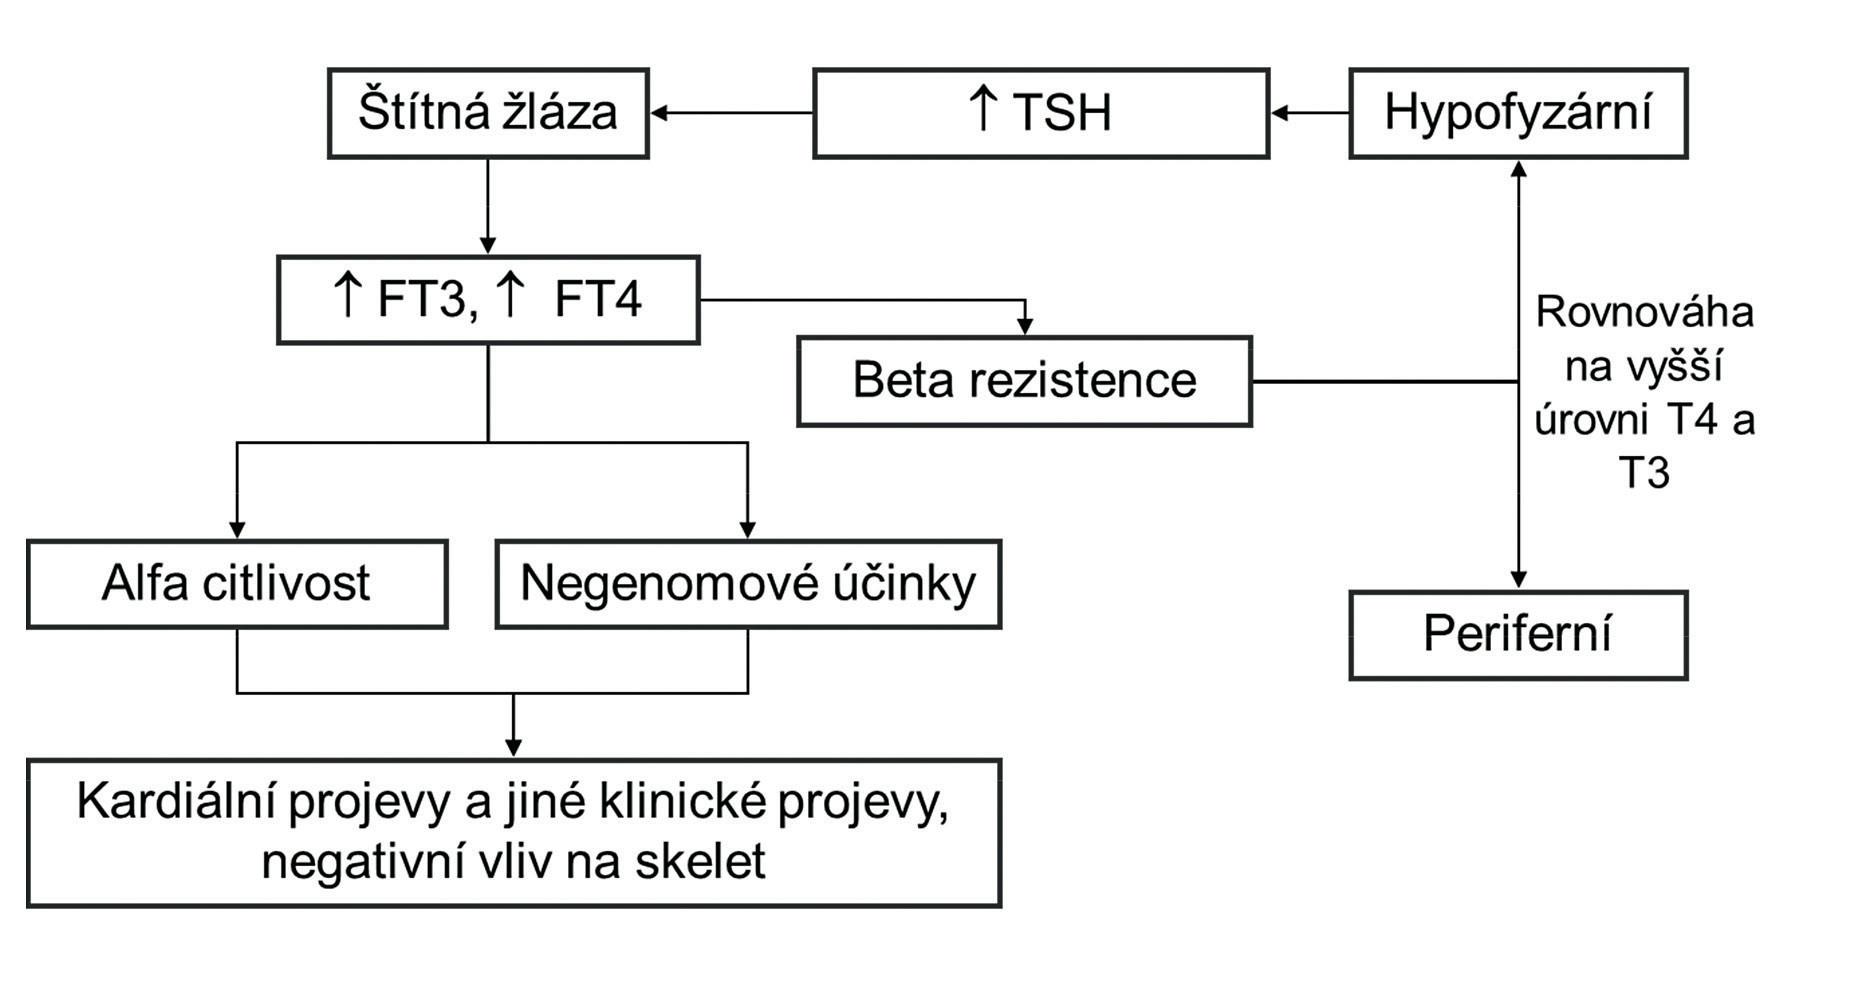 Patogenetické schéma syndromu rezistence na tyreoidální hormony TSH – tyreoidální stimulační hormon, FT3 – volný trijodtyroninu, FT4 – volný tyroxin, T4 – tyroxin, T3 – trijodtyronin